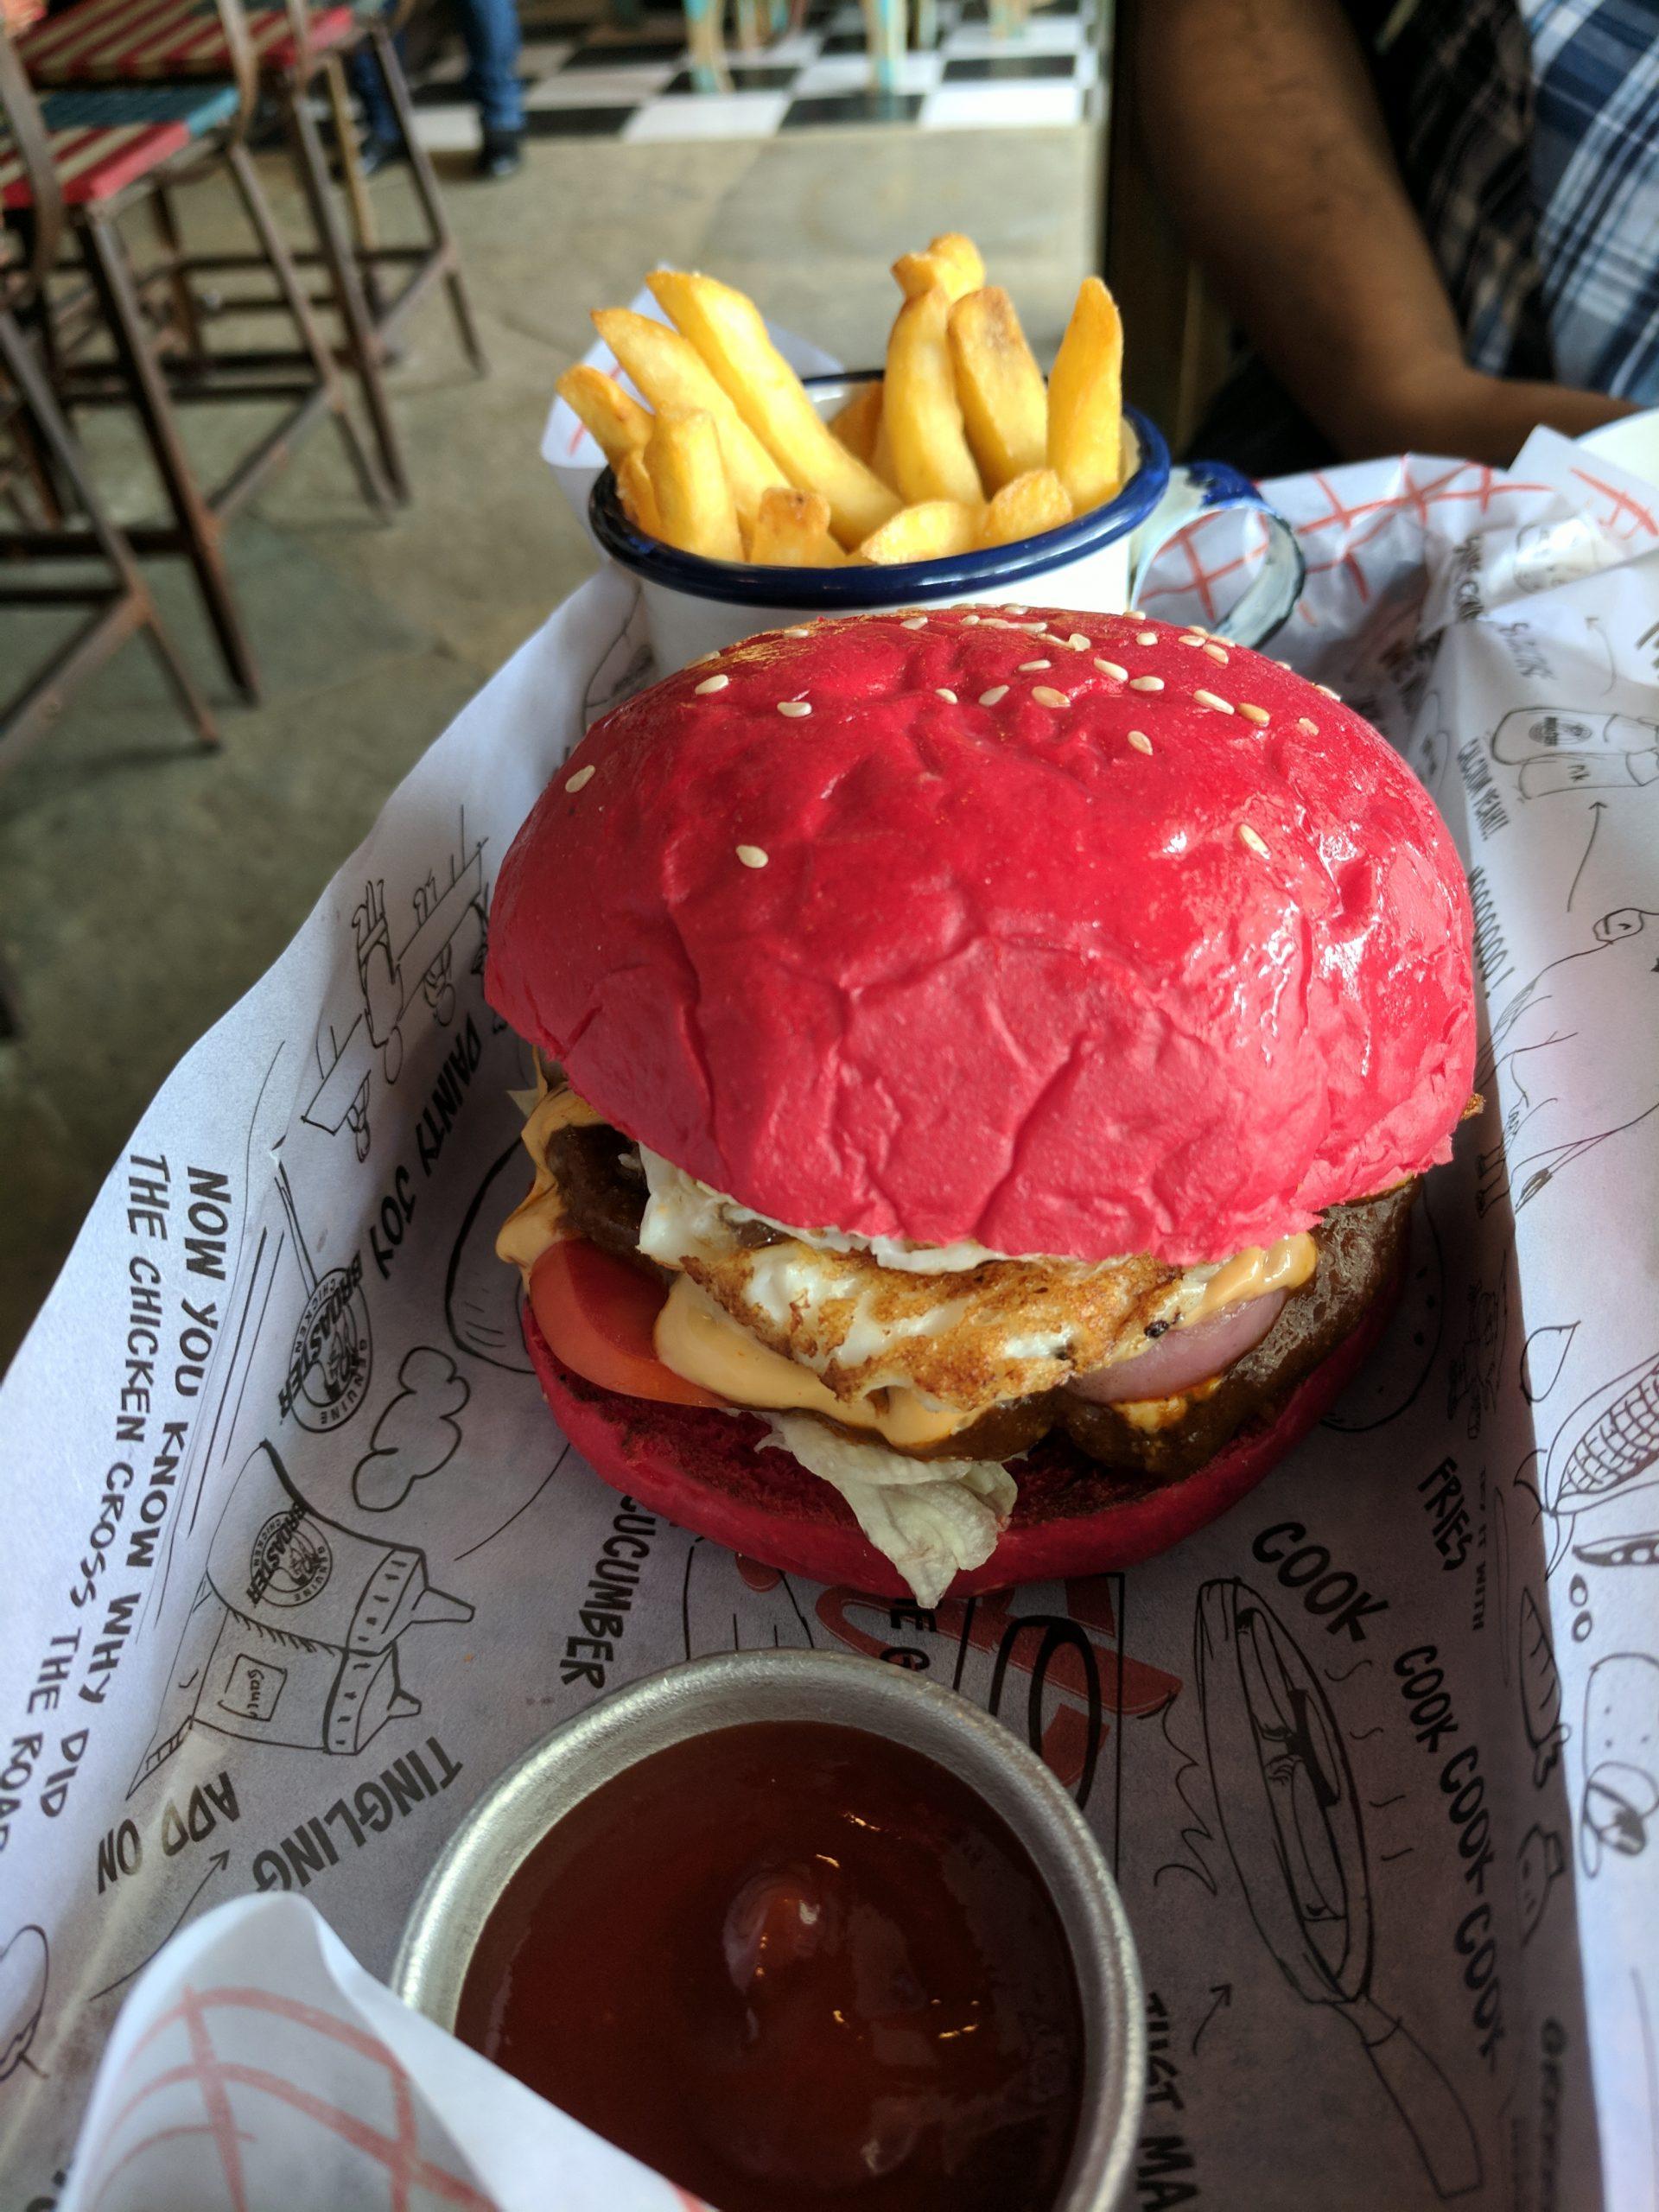 In Diesen 10 Restaurants Gibt's Die Besten Burger In Hamburg mit Warum Heißt Der Hamburger Hamburger